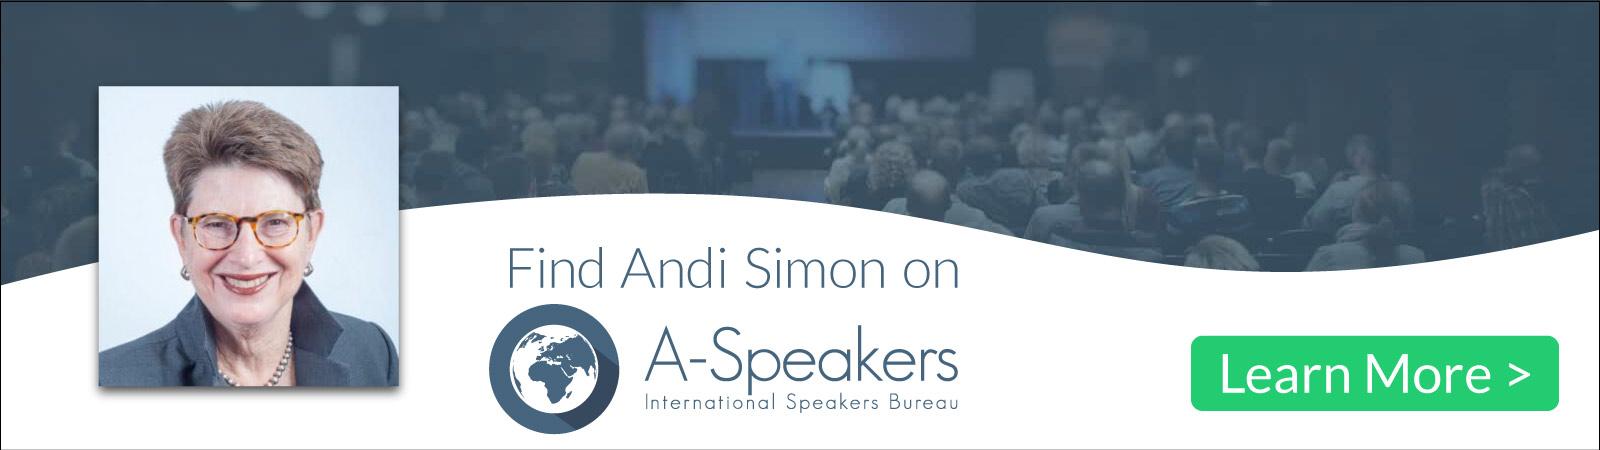 Find Andi Simon on A-Speakers International Speaking Bureau